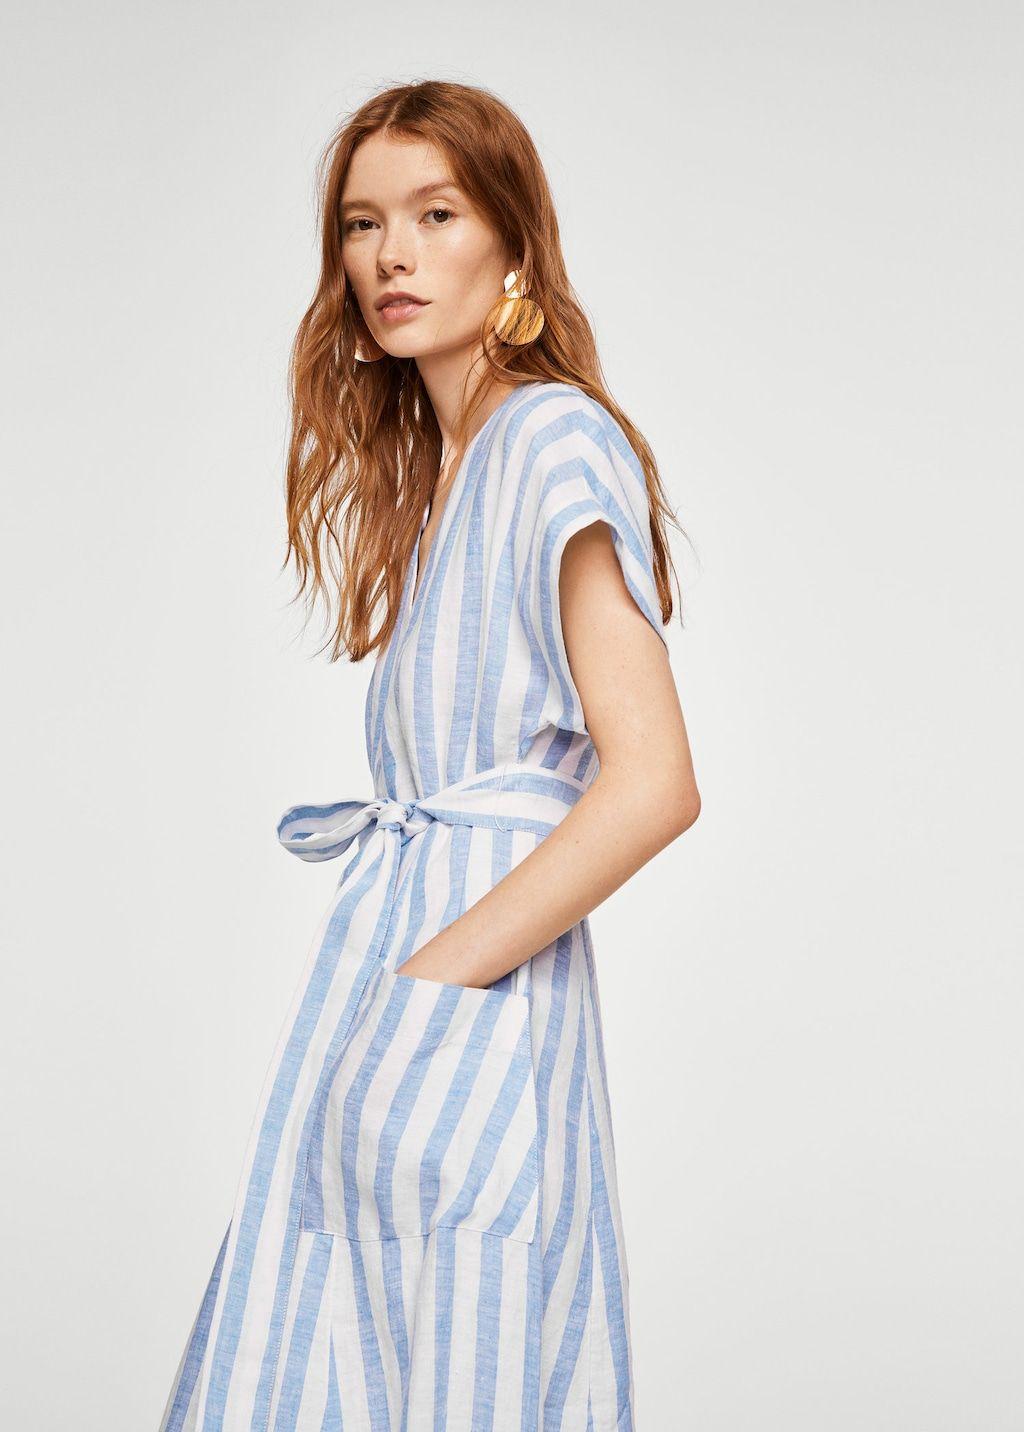 Super Gestreepte linnen jurk - Dames | My Style - Gestreept linnen OO-92